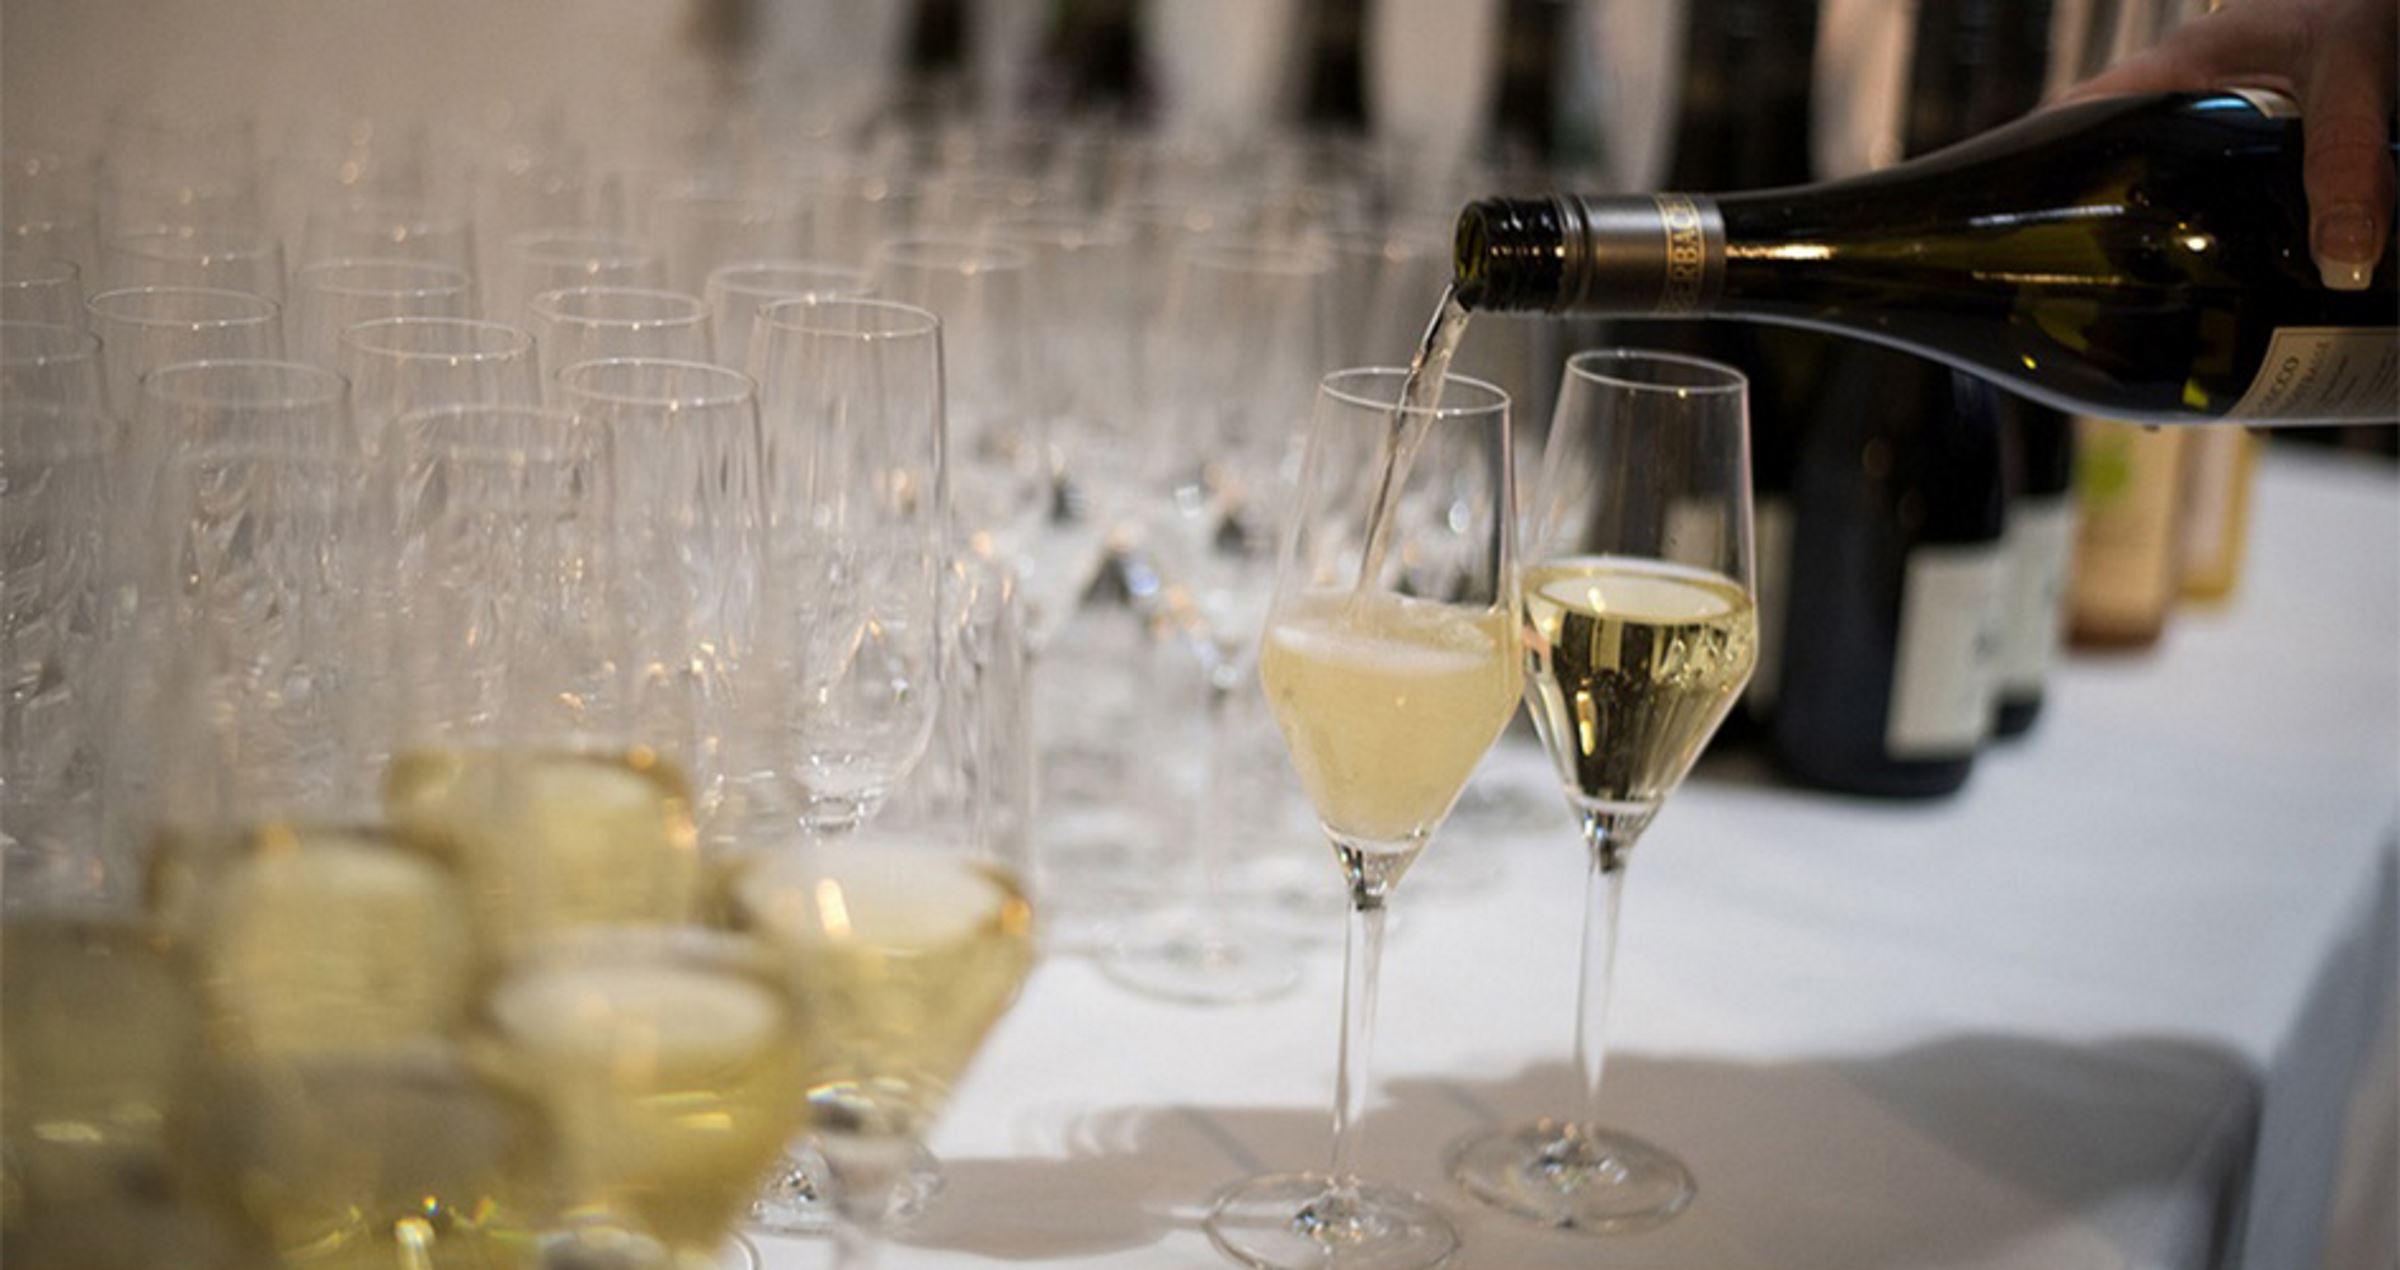 Alte Schlosserei champangner